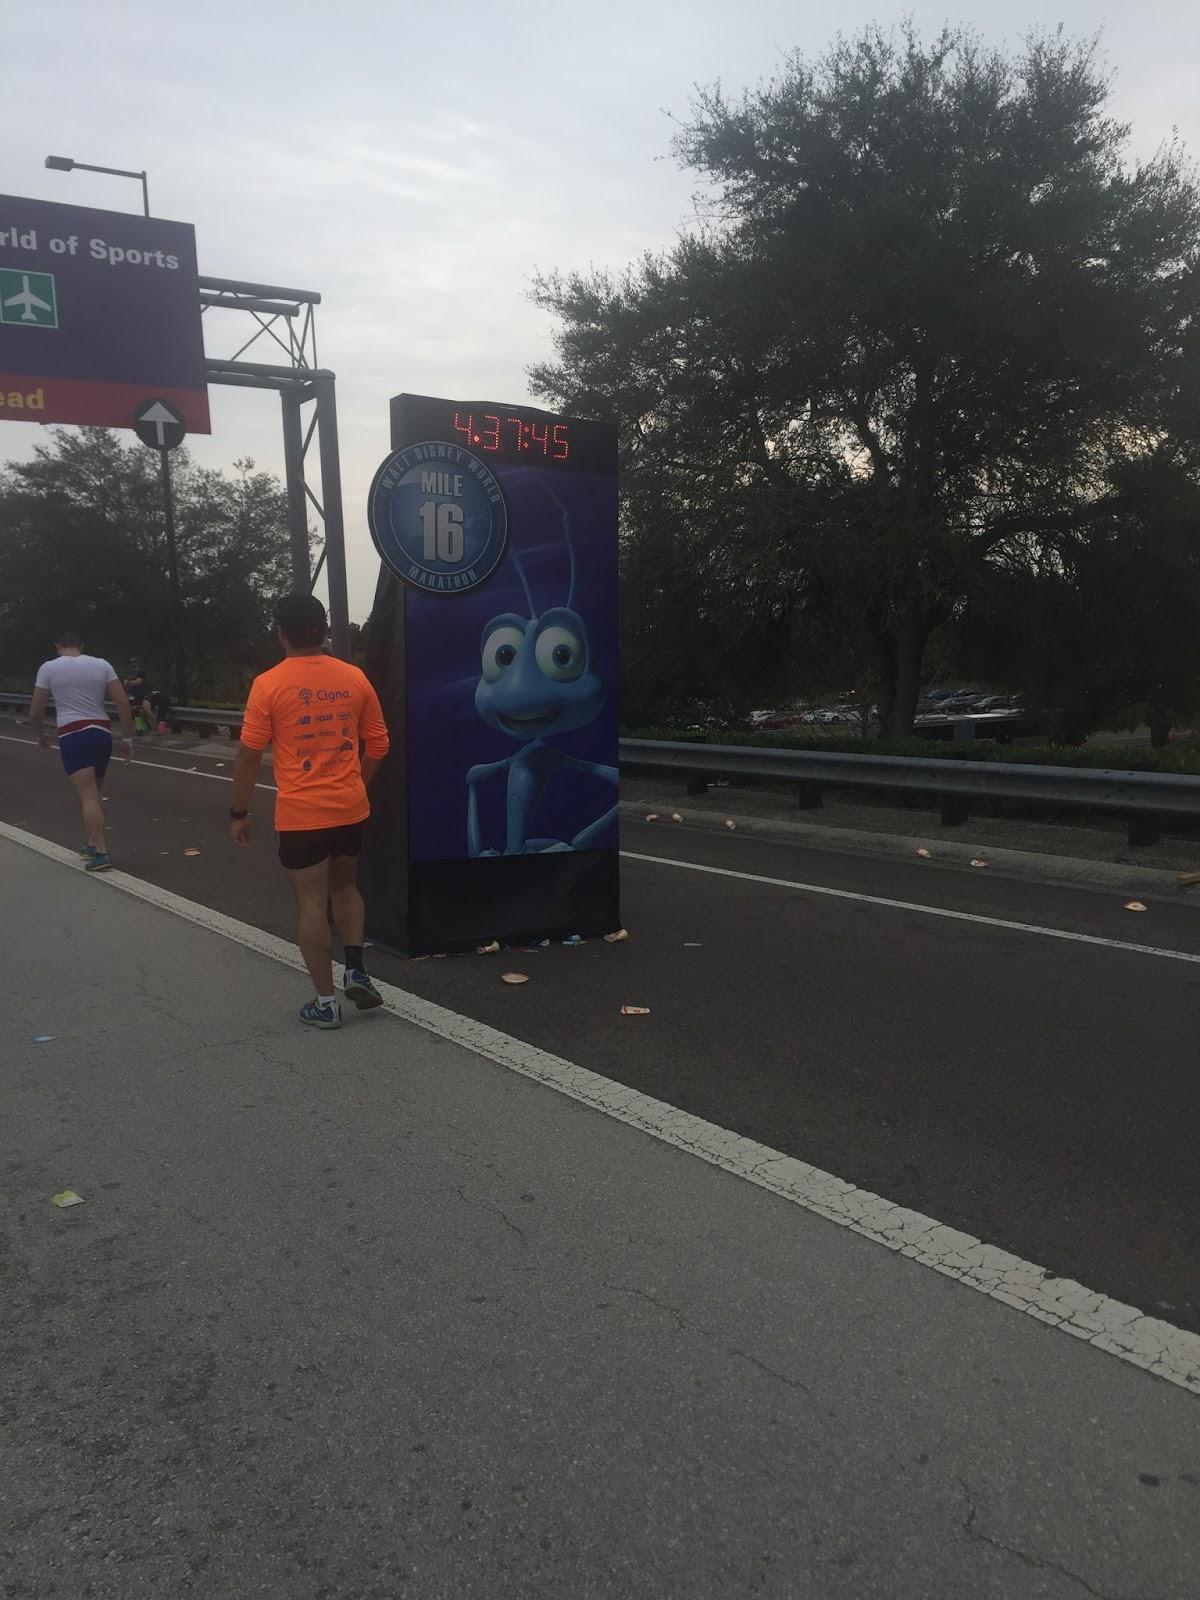 Dopey Challenge Mickey Marathon 2016 Mile 16